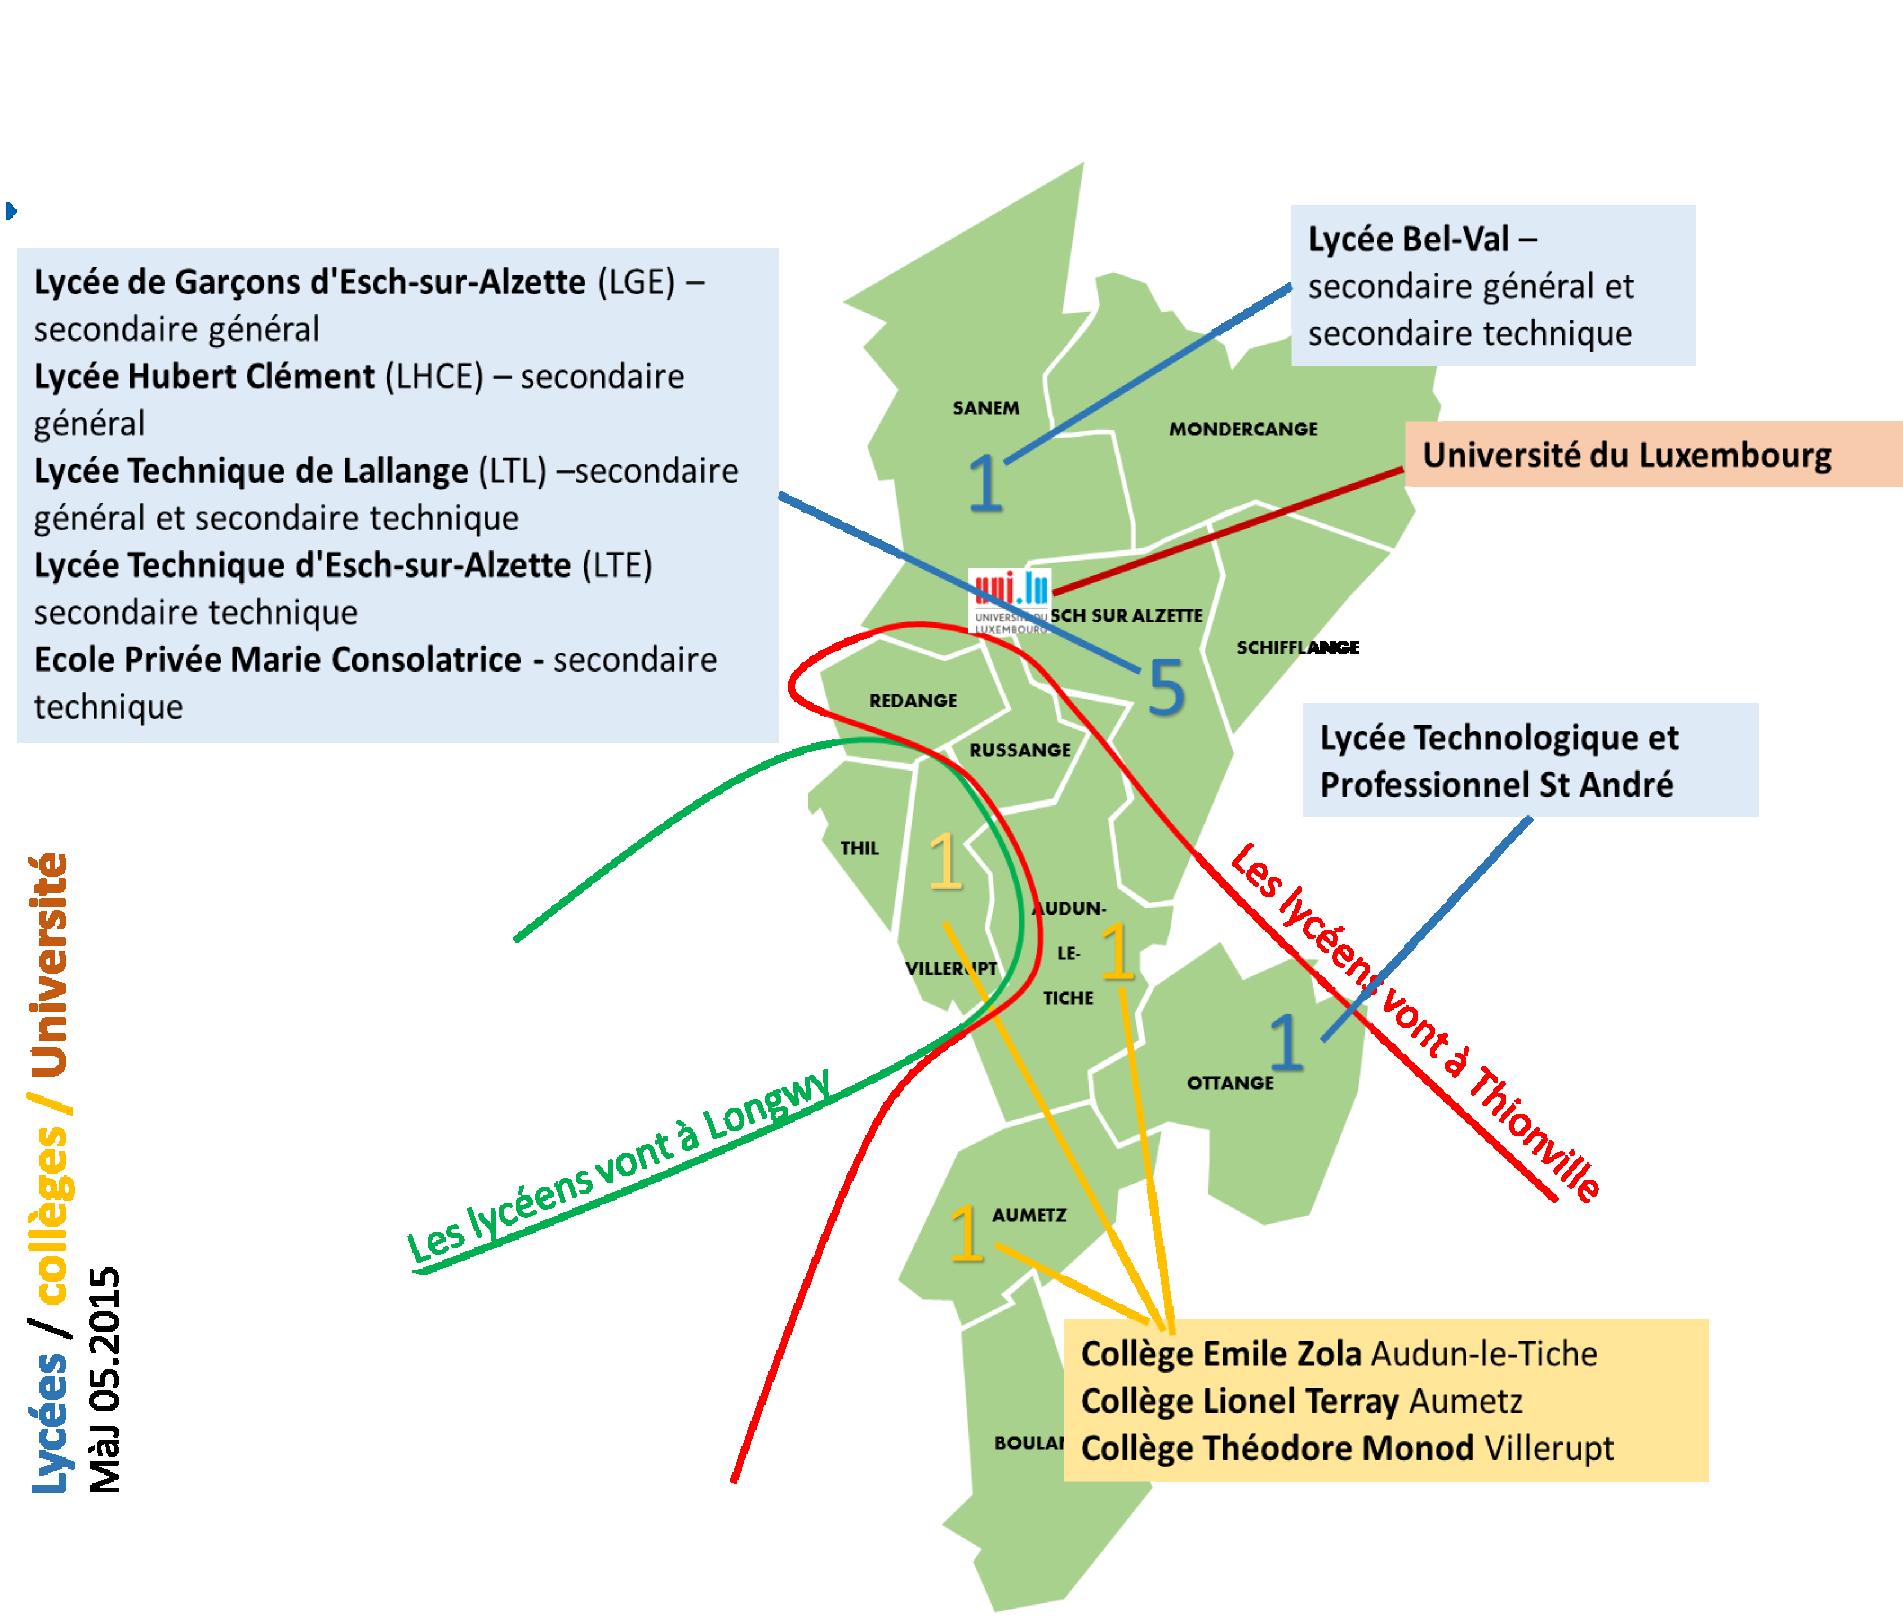 carte de localisation des établissements scolaires